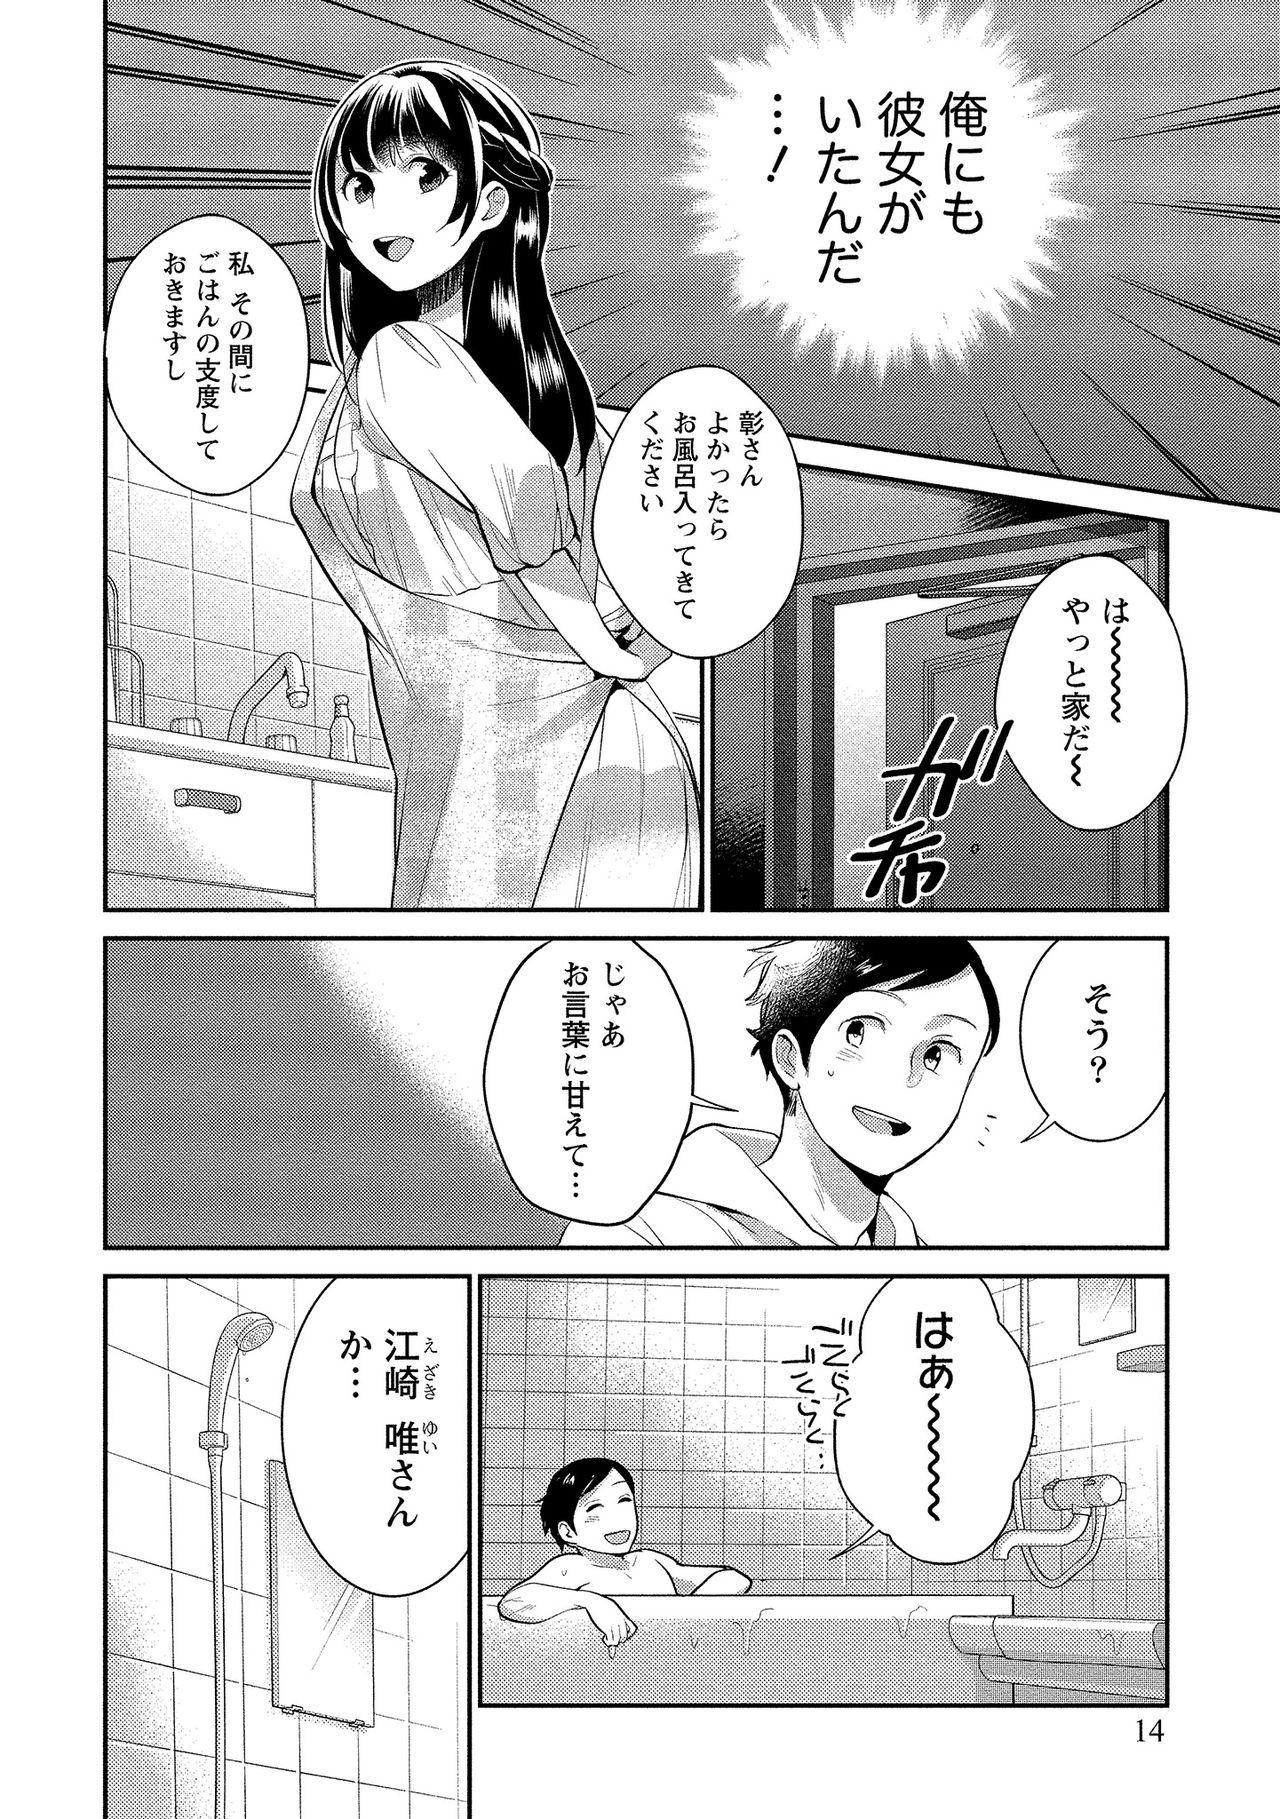 Dorobou Neko wa Kanojo no Hajimari 14